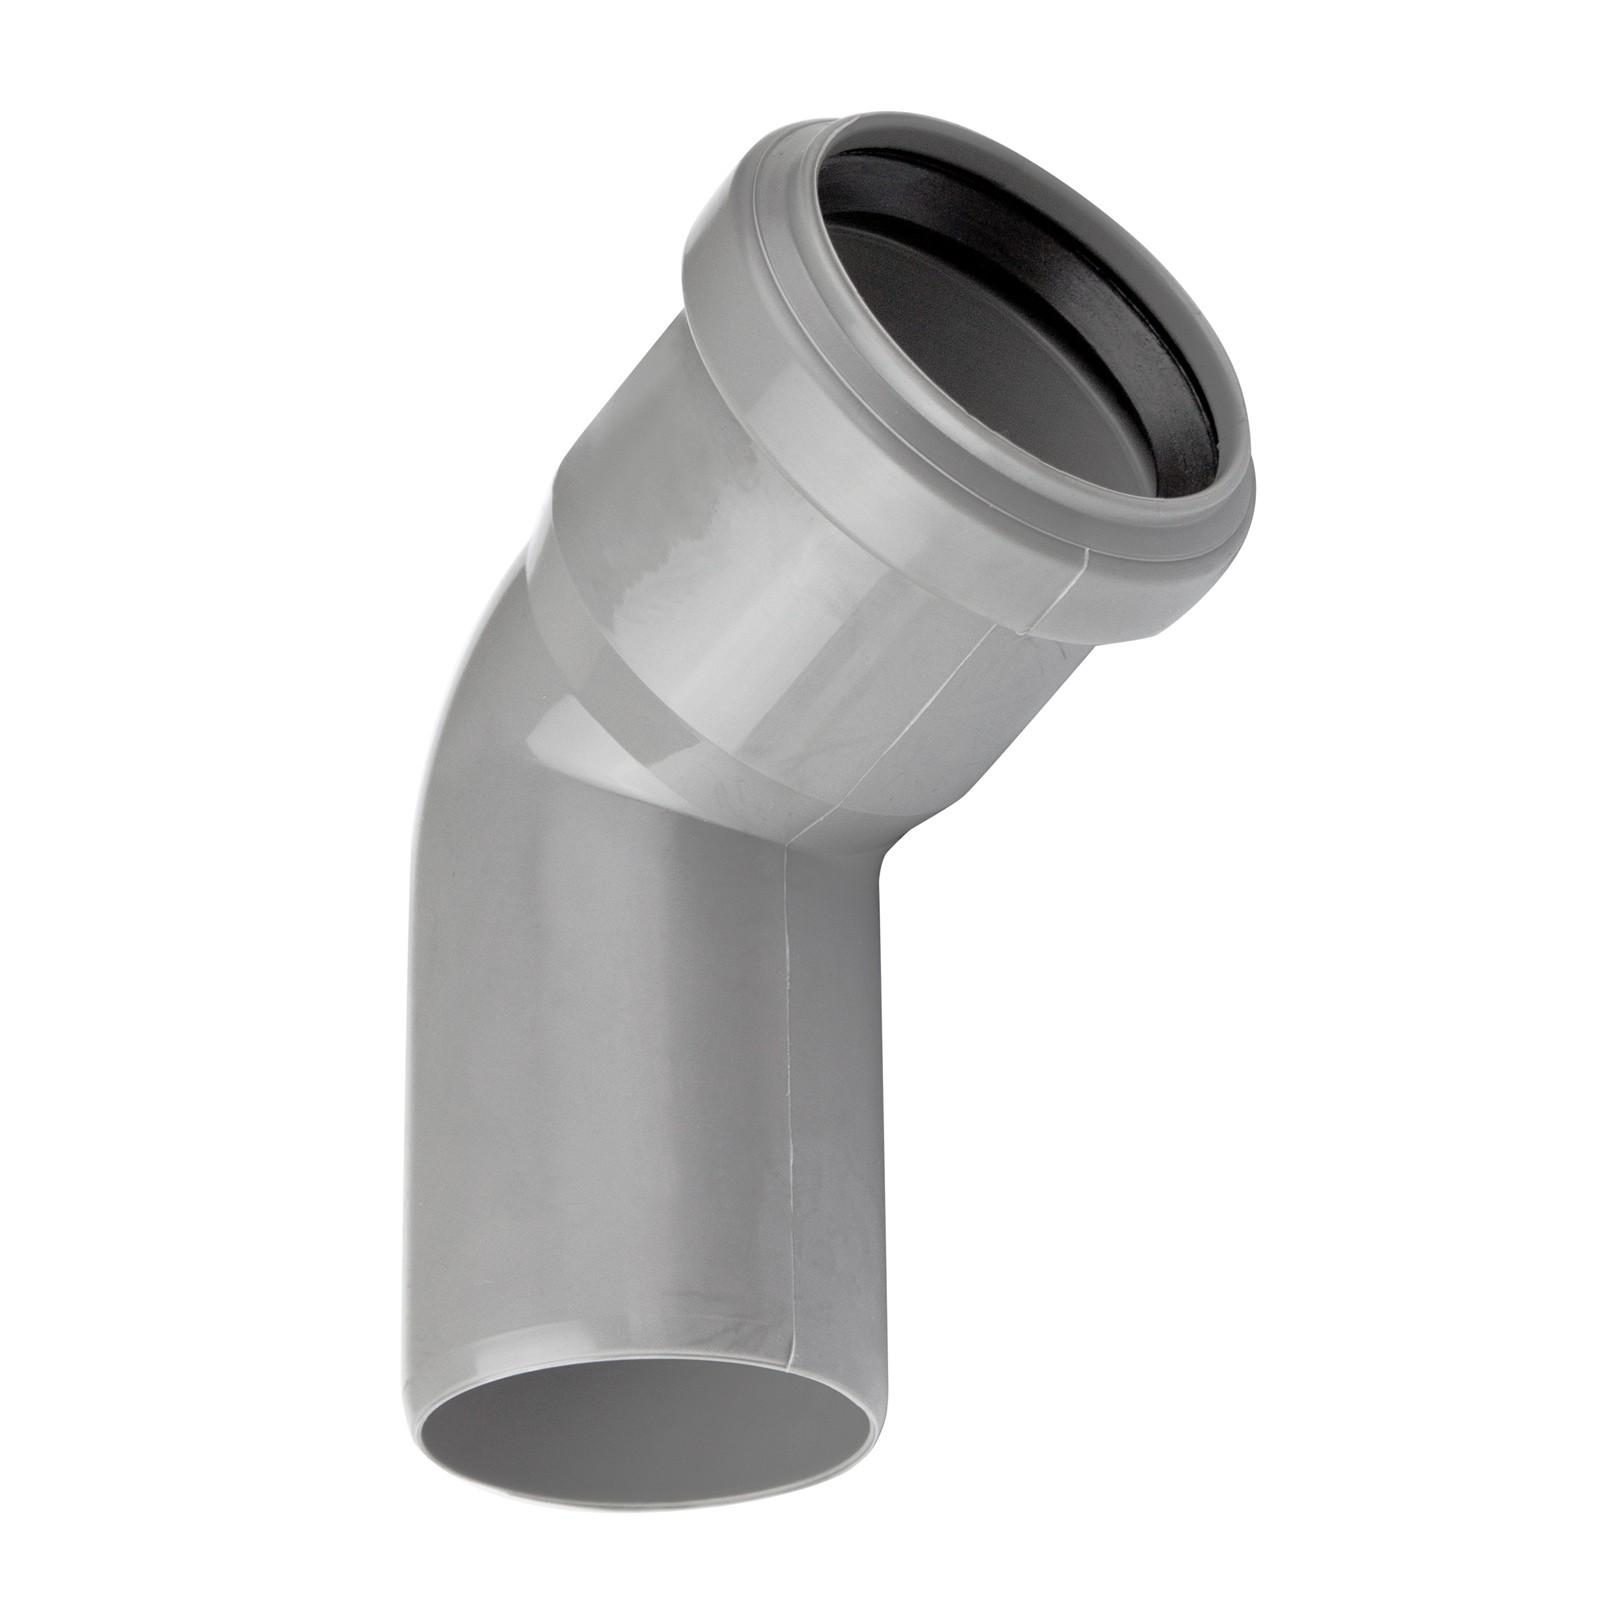 Abwasserrohre Kunststoff Preise pp Kunststoff Abwasserrohr